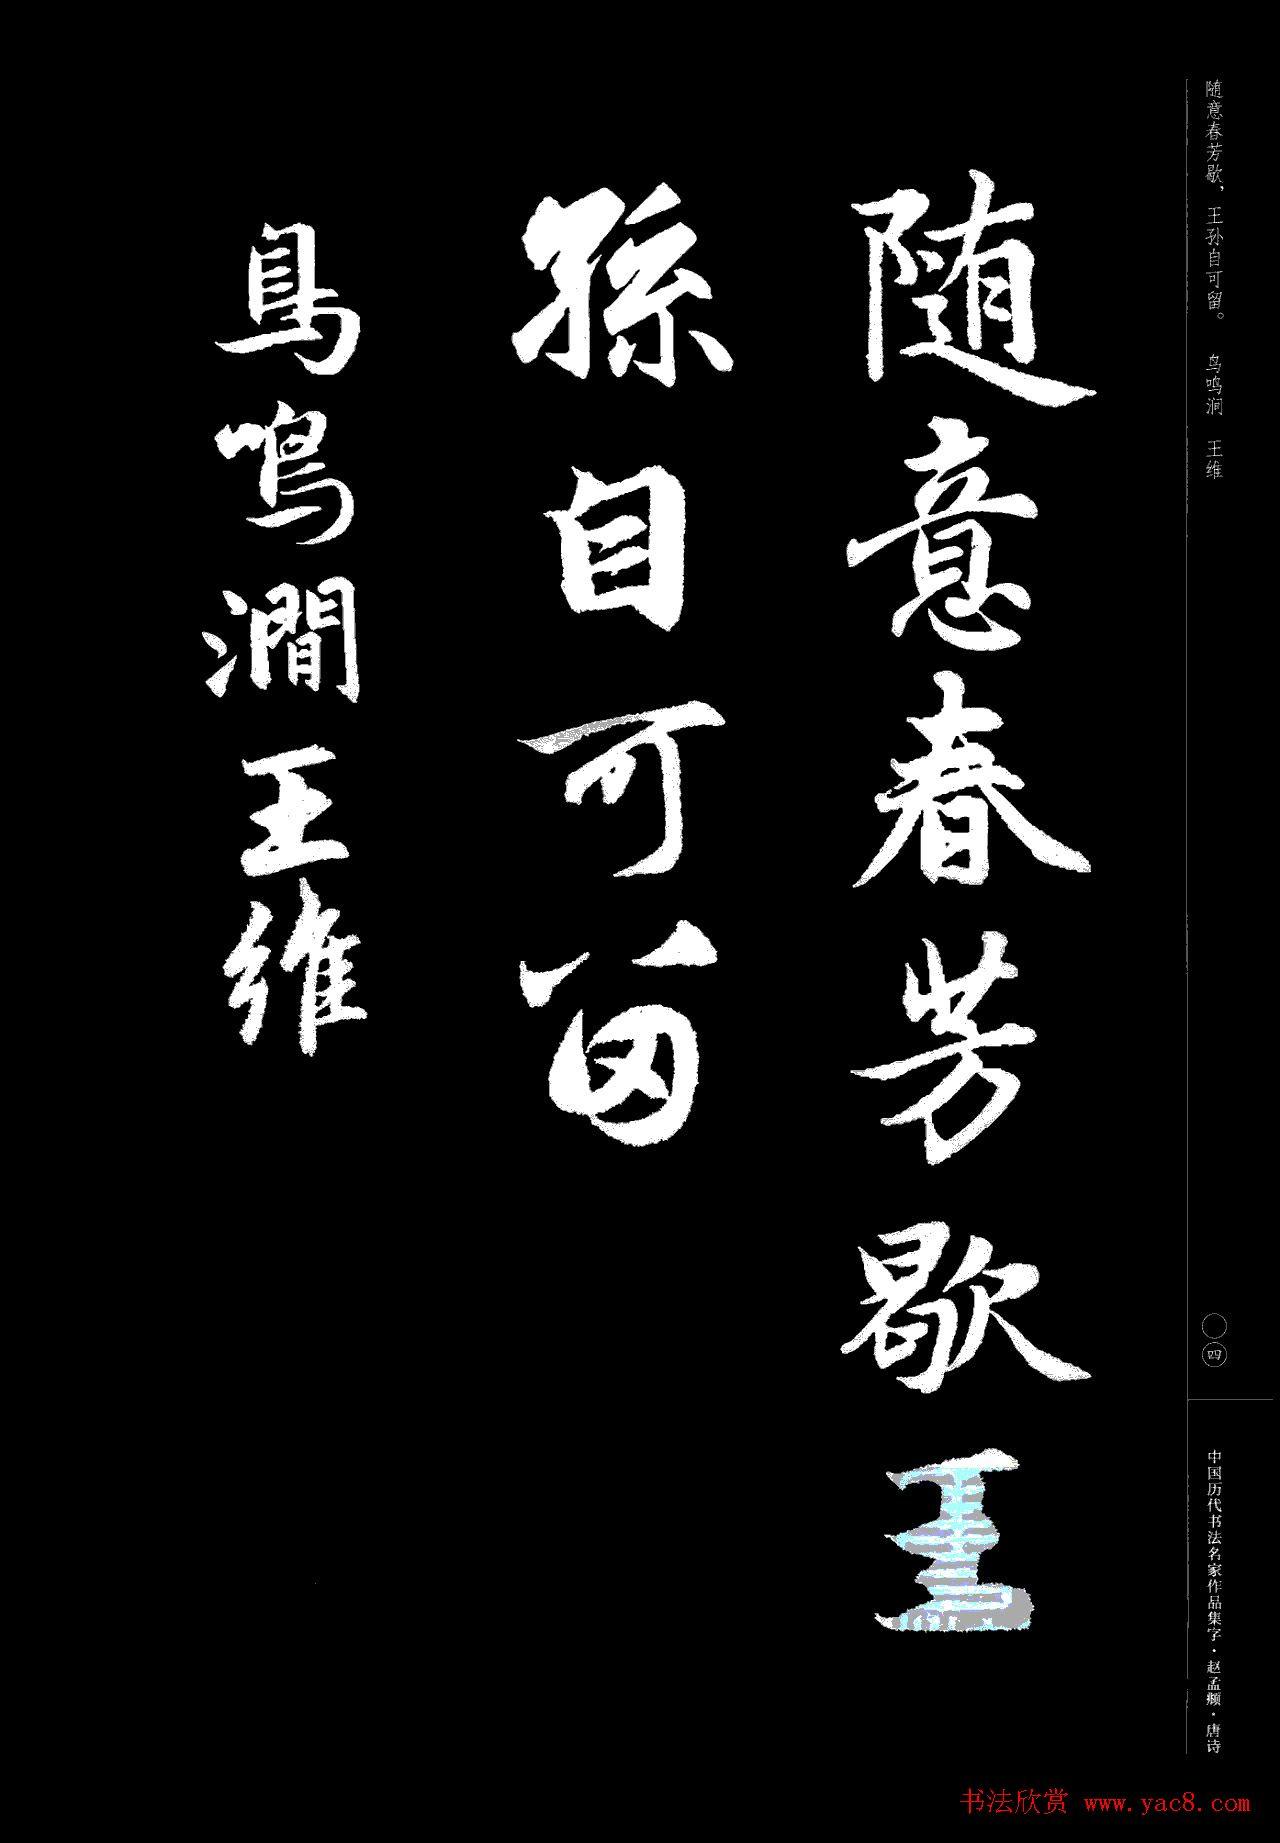 赵孟頫书法集字《唐诗》